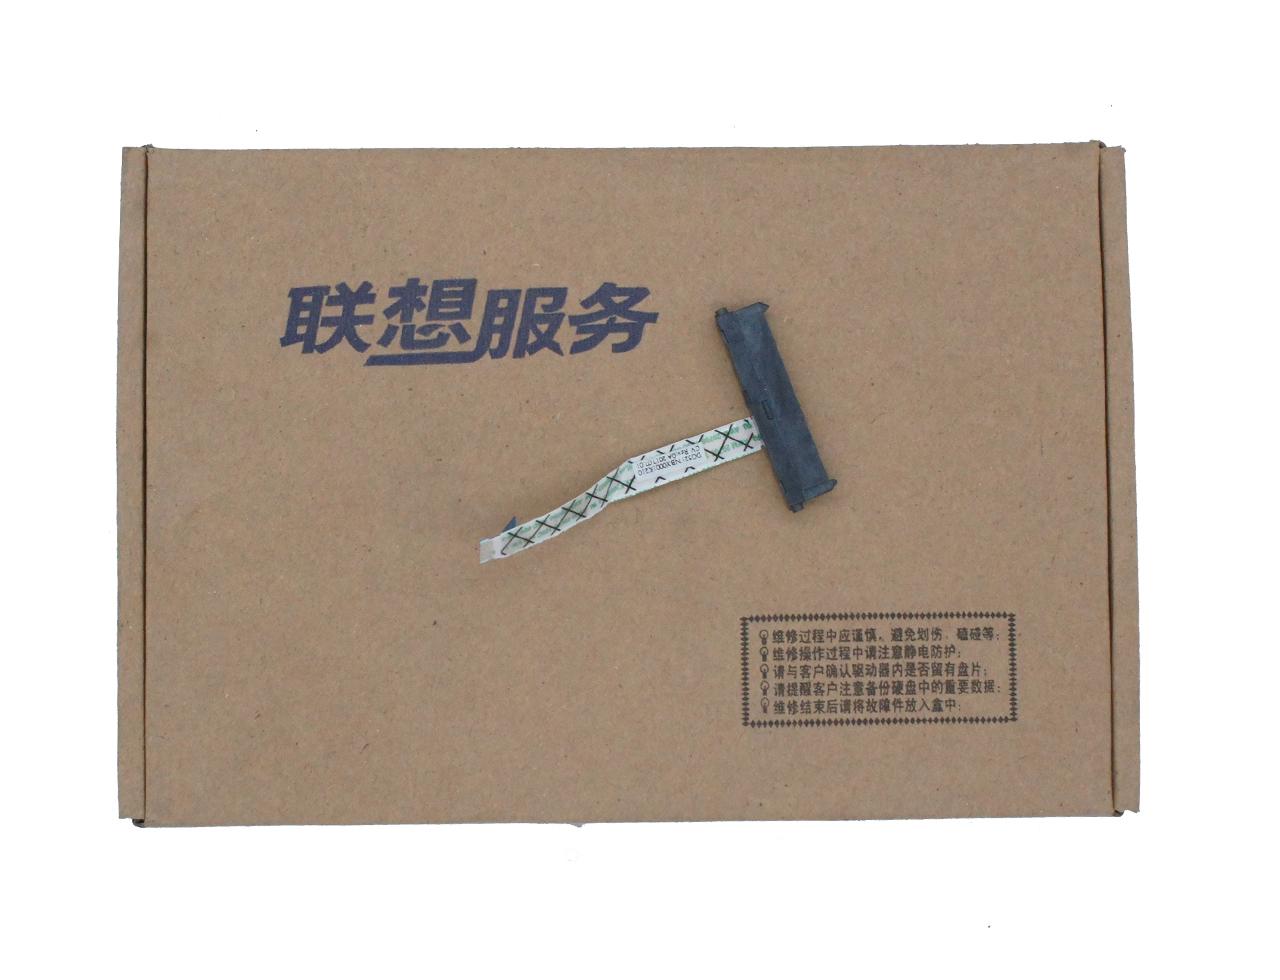 新到货50pcs Lenovo IdeaPad 320-15IAP 520-15ikb 320-15IKB HDD hard drive connector cable NBX0001K210 硬盘接口